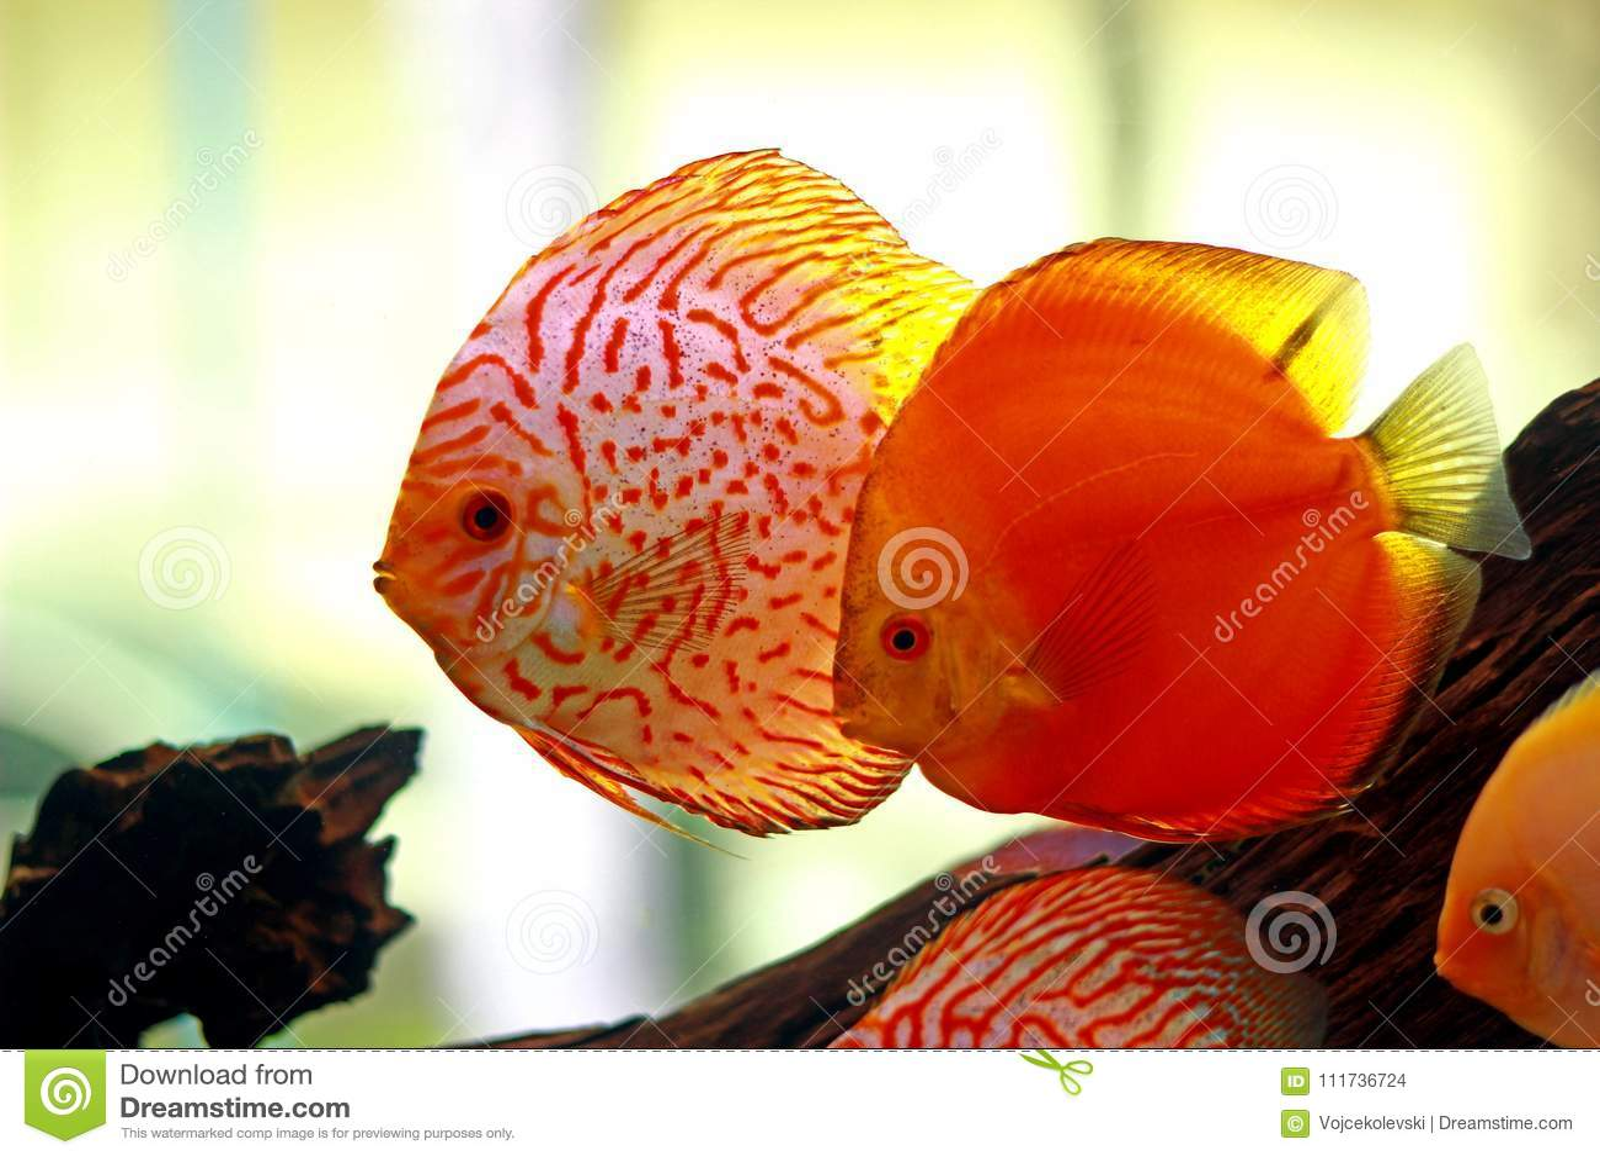 Discus Fish In Freshwater Aquarium Stock Photo - Image of aquatic ...